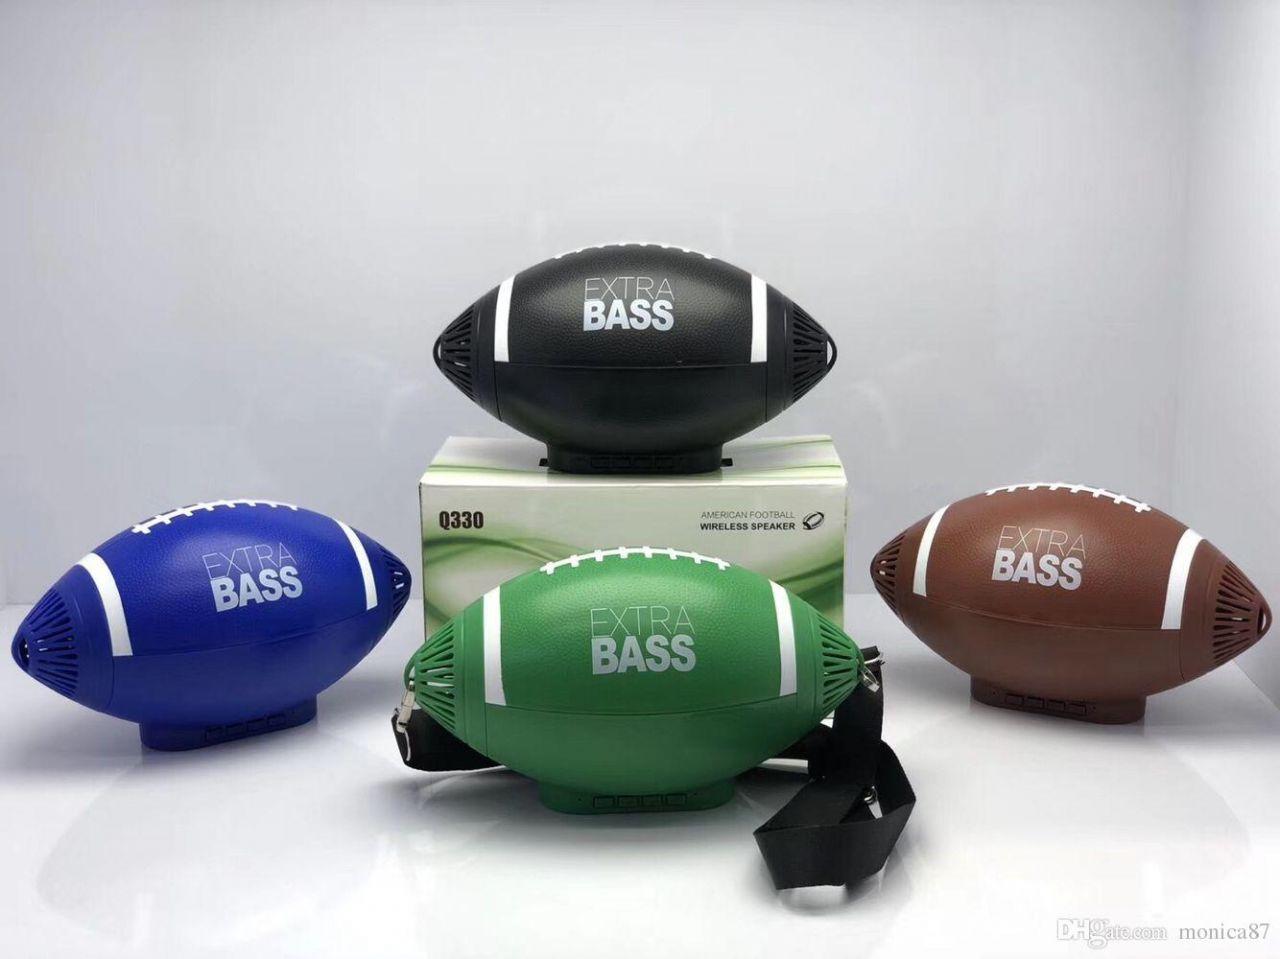 Bluetooth hangszóró Mp3,Rádió,USB, TF/micro SD kártya, AUX 3,5 jack, Telefon kihangosítás - Rögbi Labda Q330